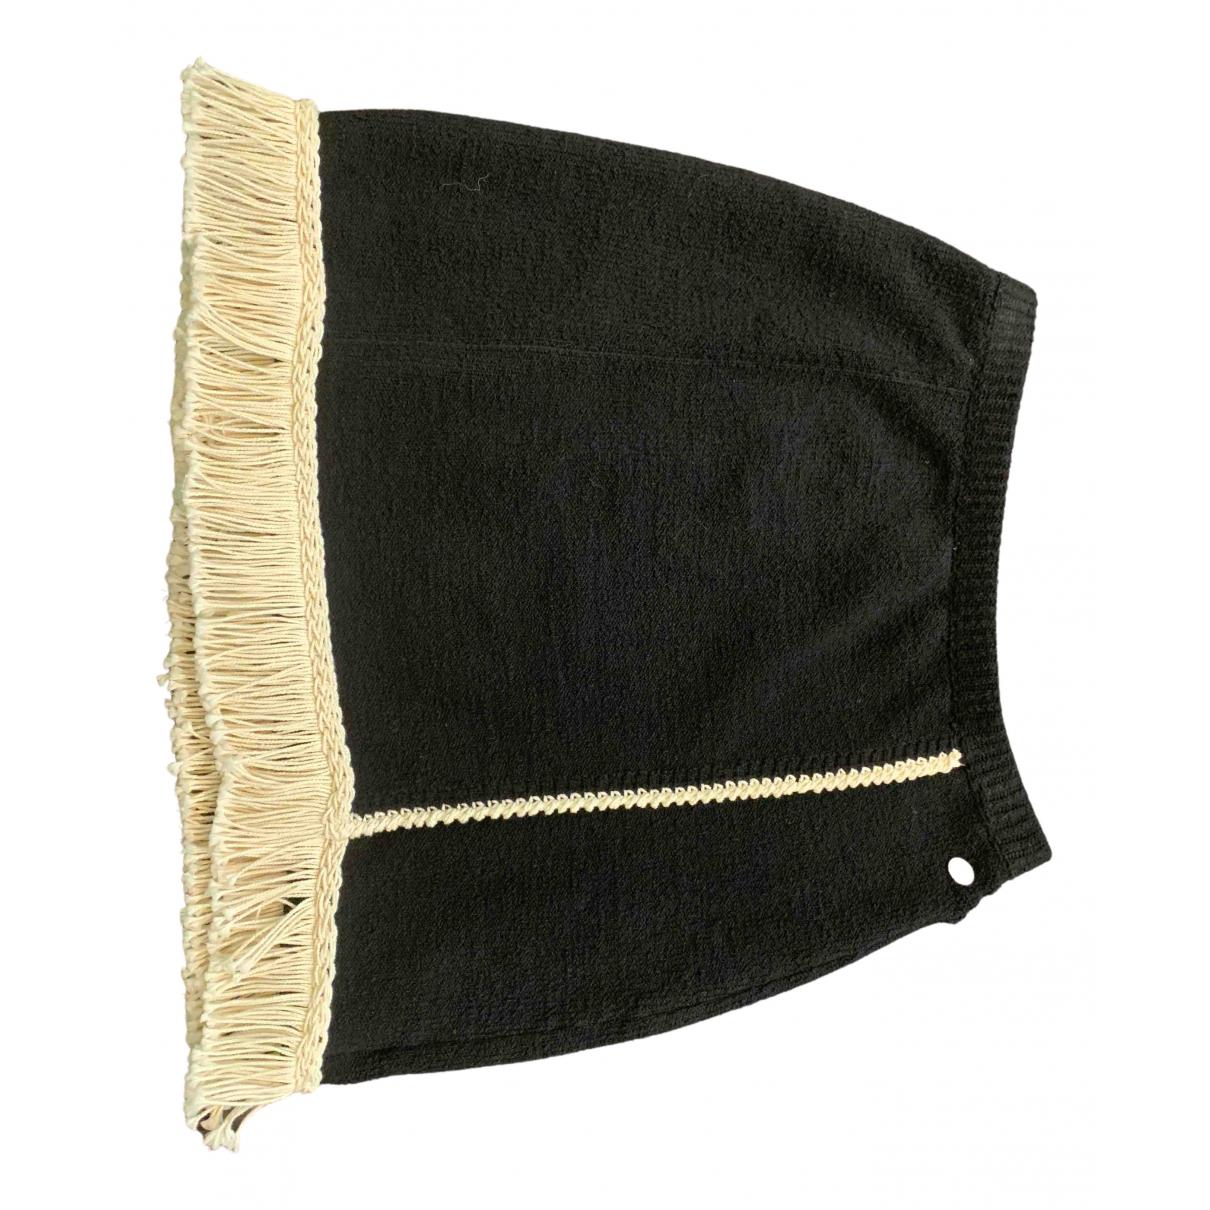 Chanel - Jupe   pour femme en coton - elasthane - noir